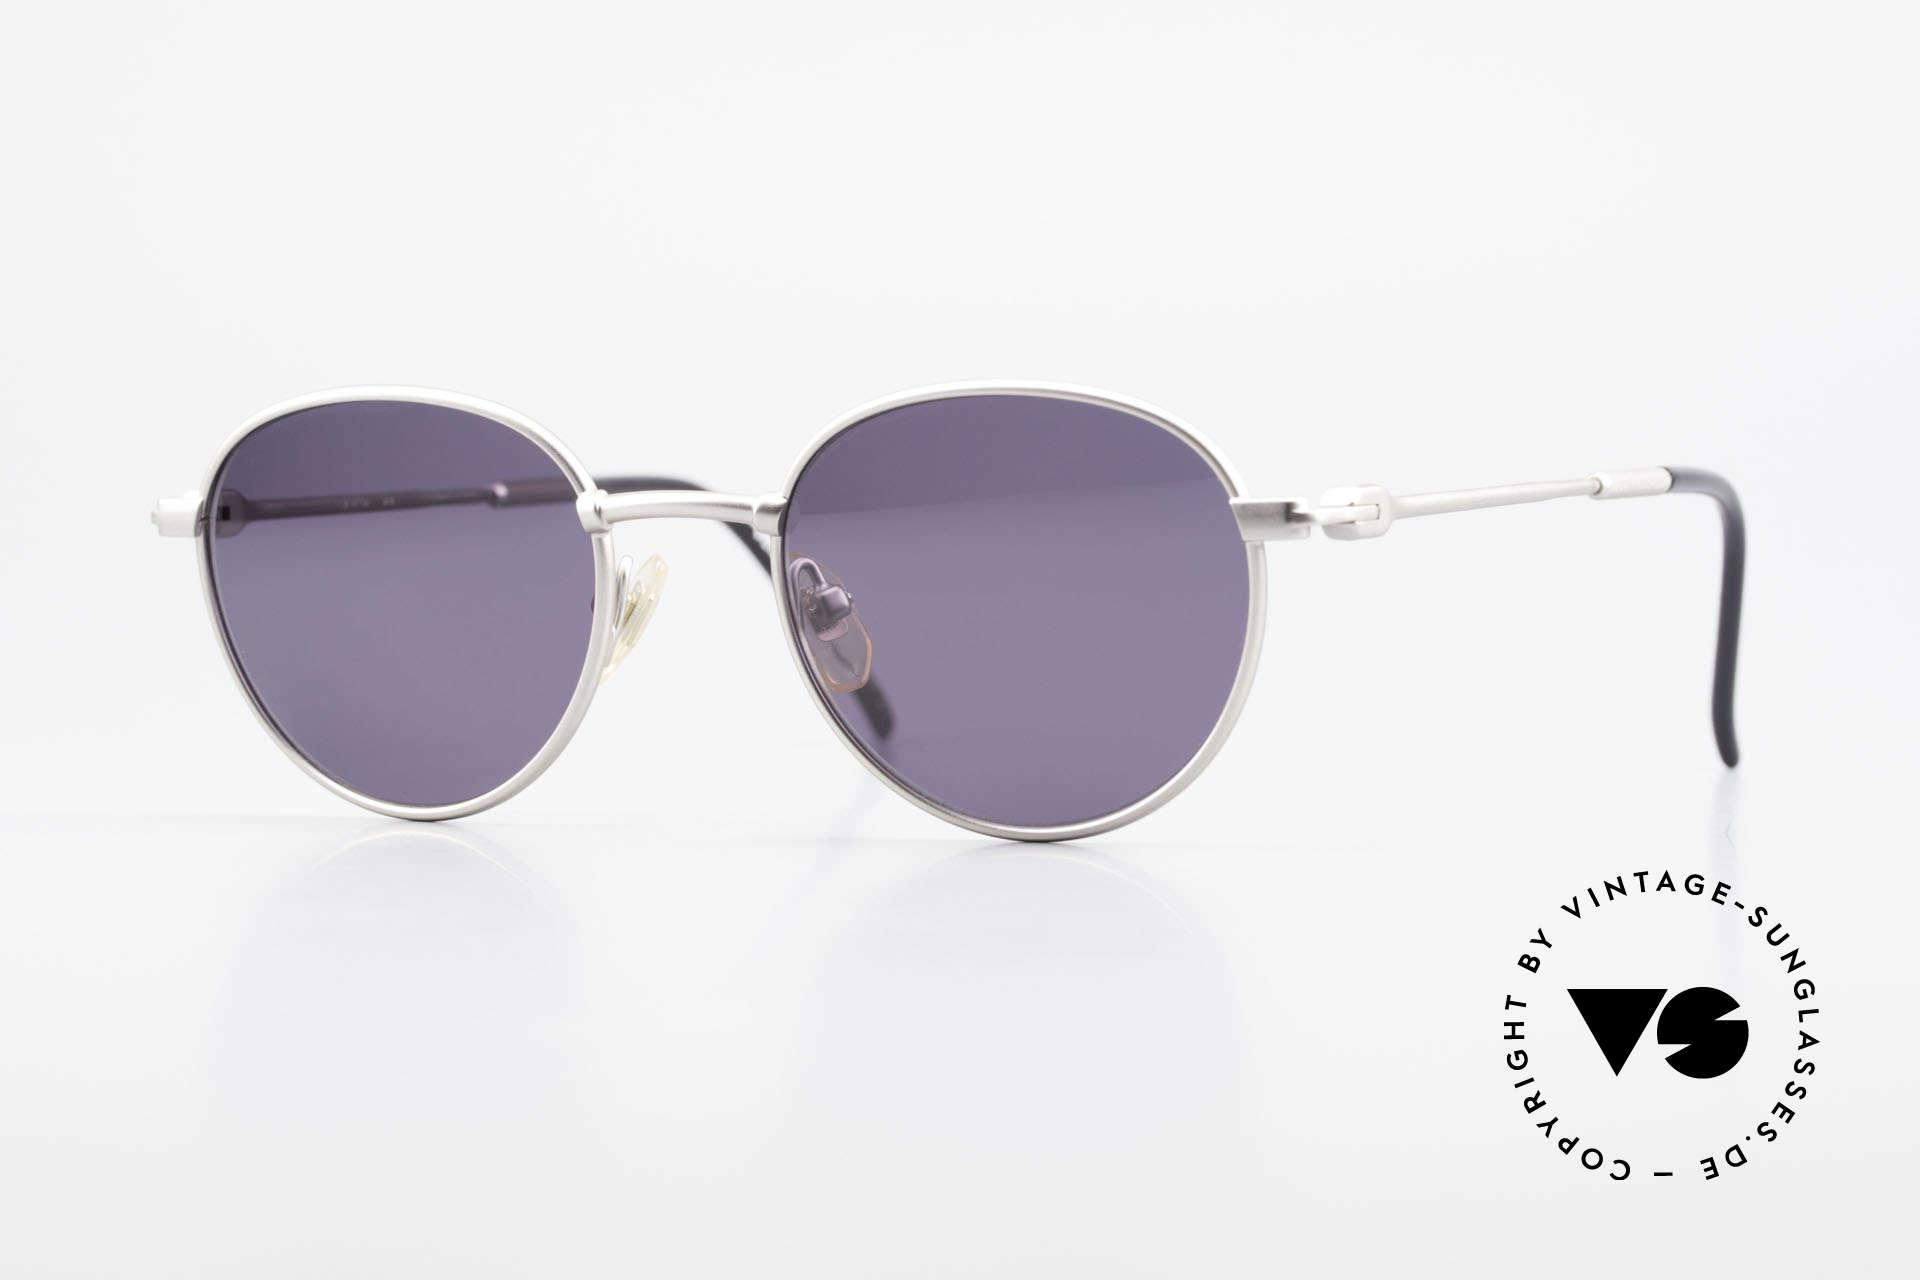 Yohji Yamamoto 52-4102 Panto Designer Sonnenbrille, Yohji Yamamoto Designer-Sonnenbrille im Panto-Stil, Passend für Herren und Damen